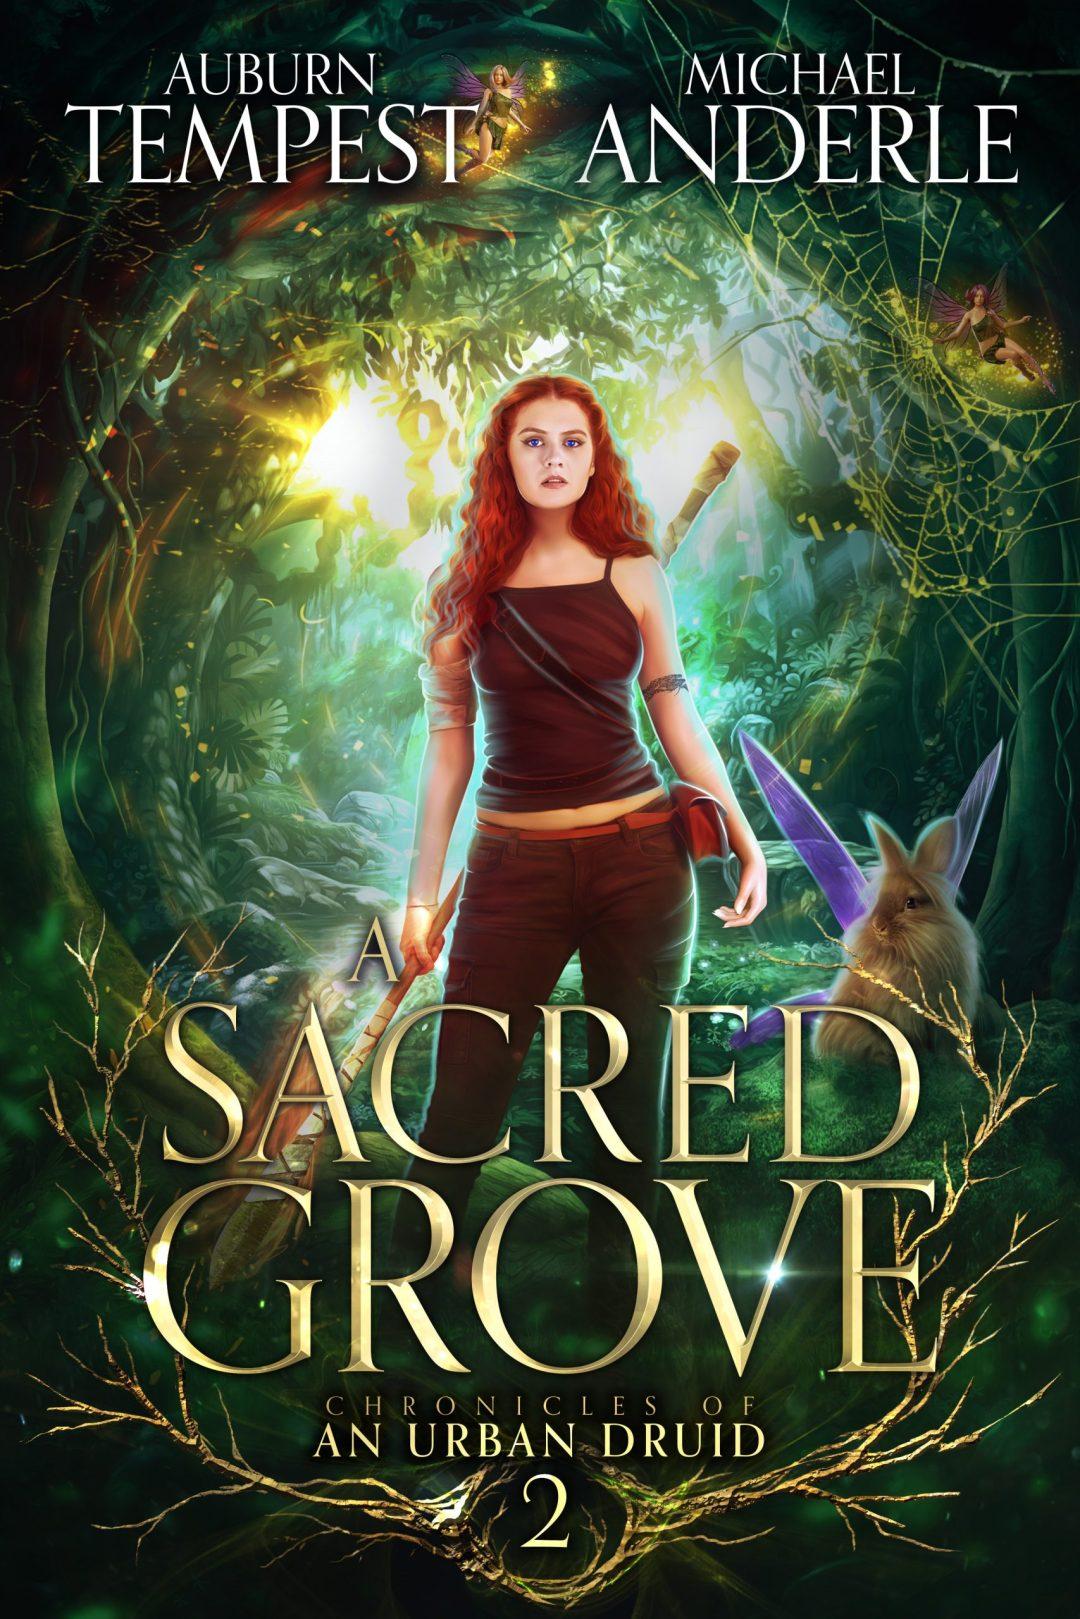 SACRED GROVE E-BOOK COVER